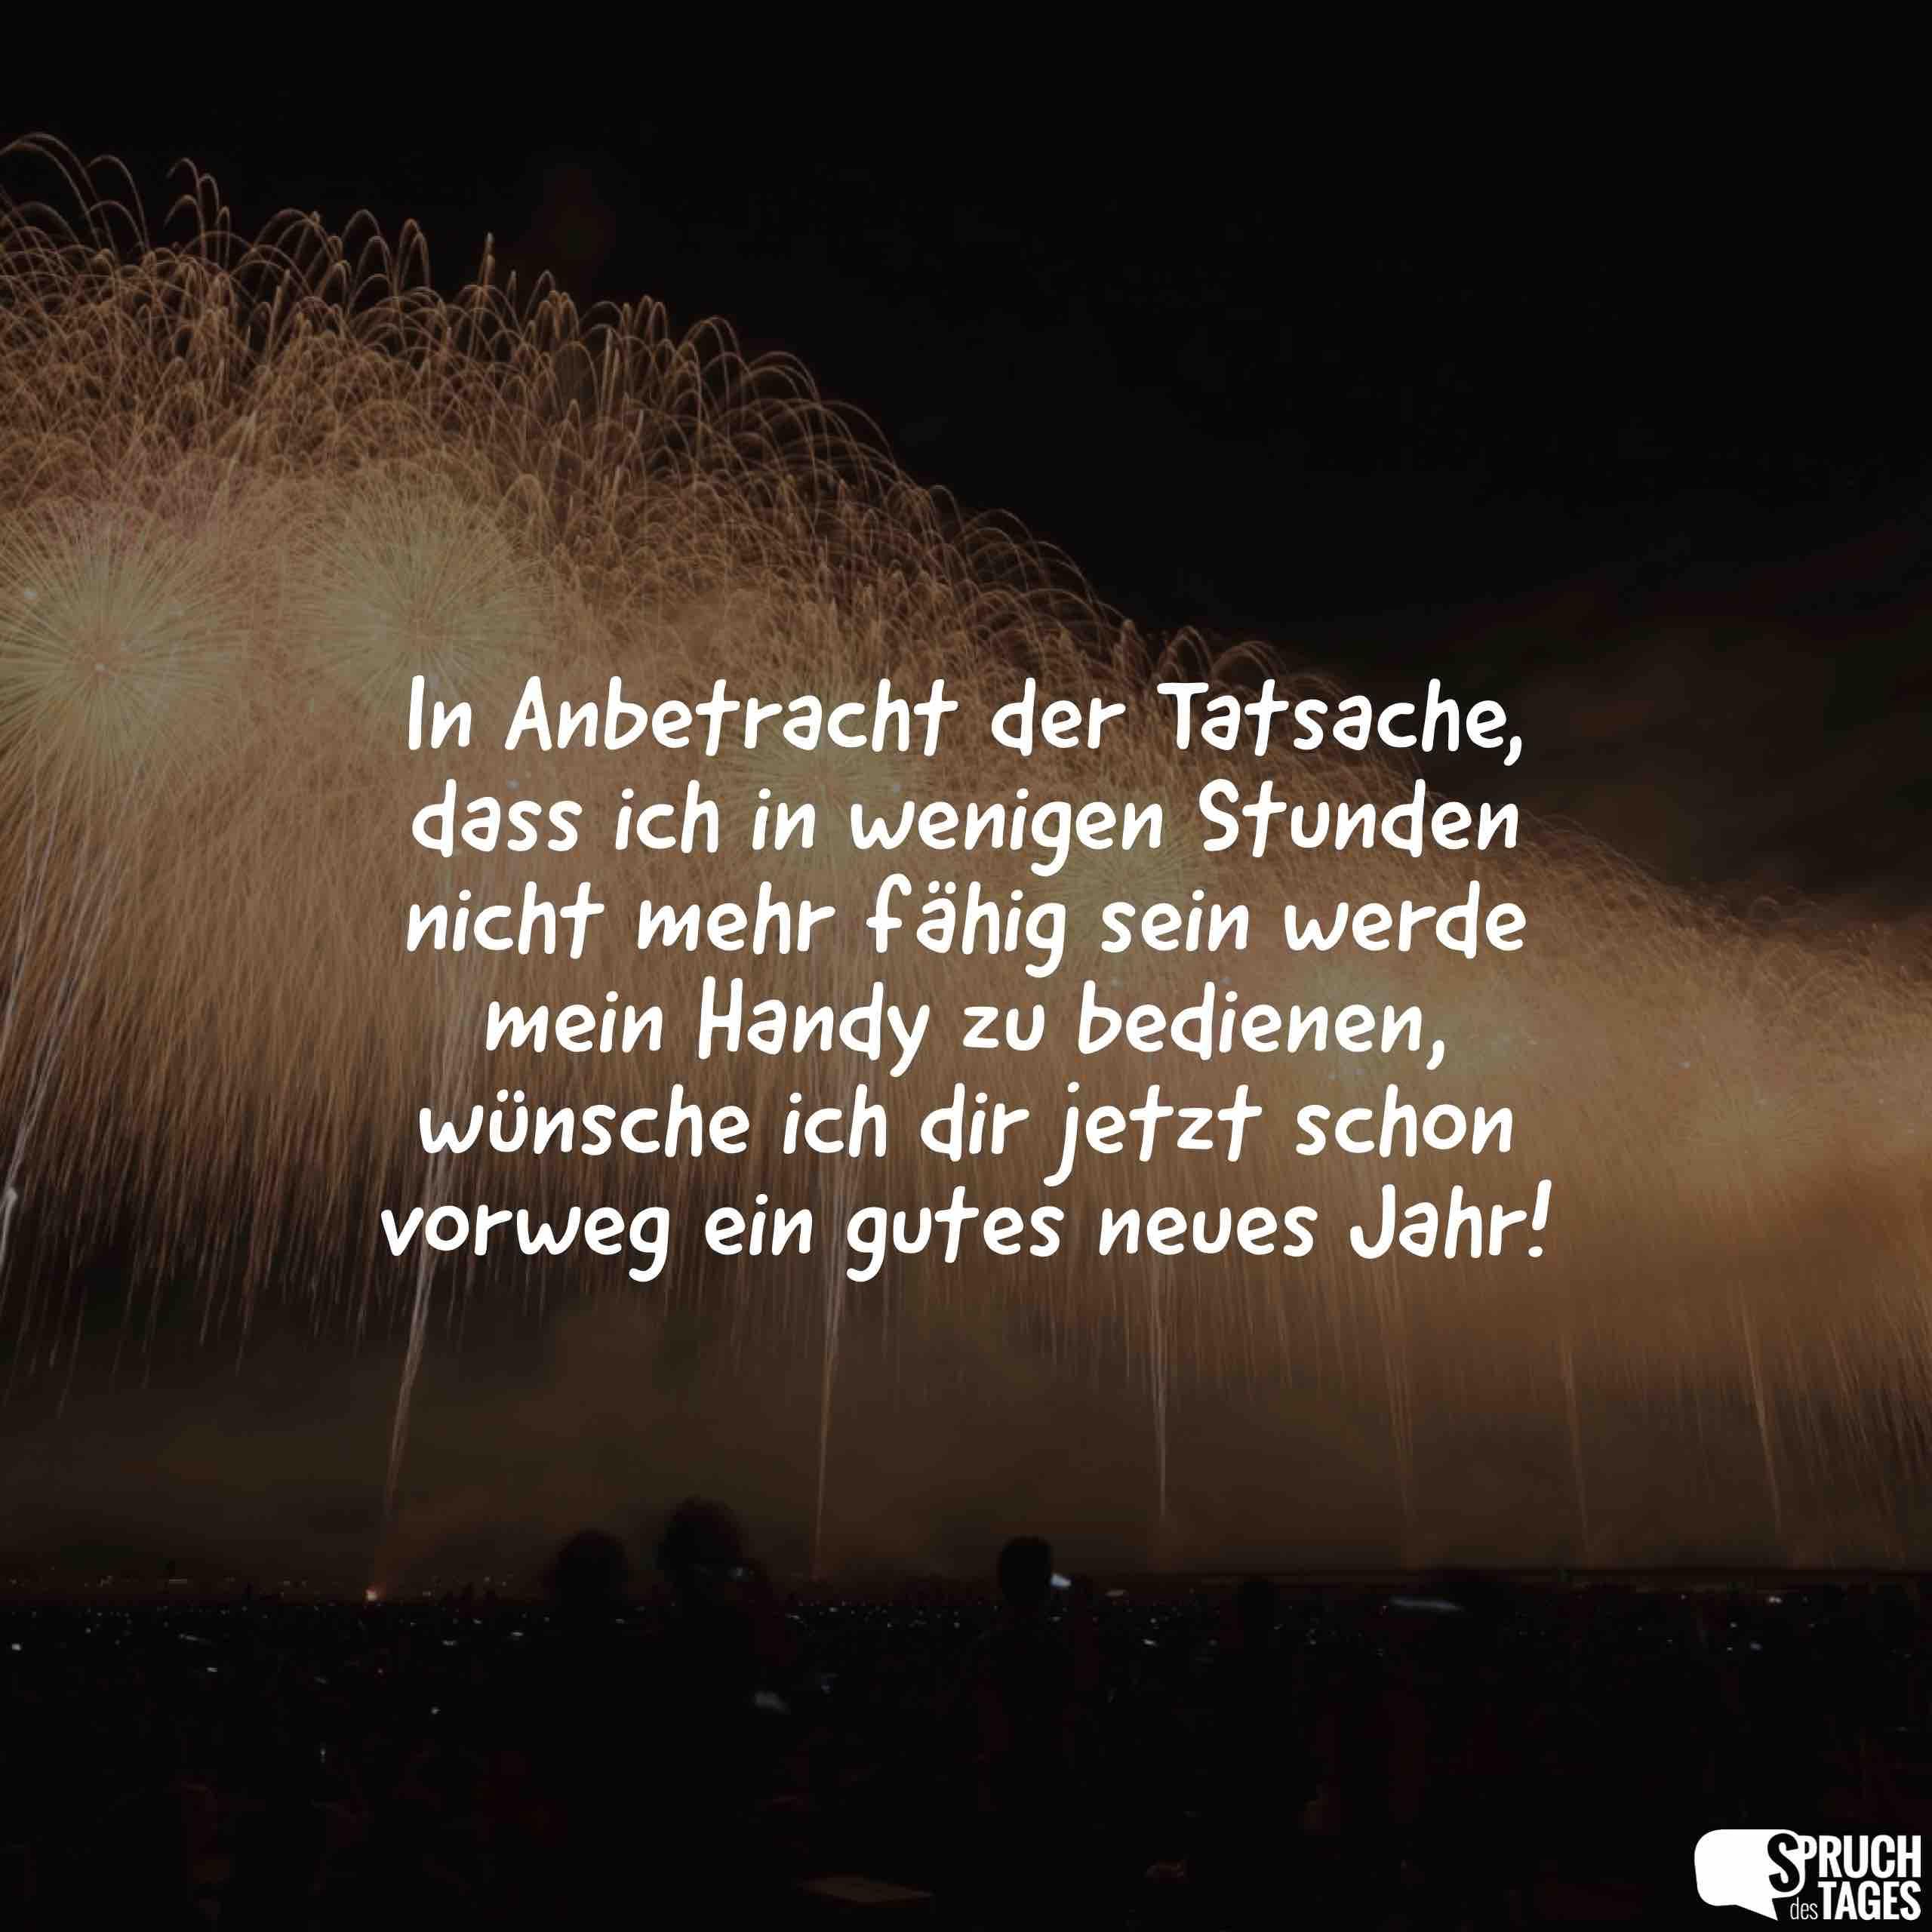 Silvester Sprüche - Wünsche, Grüße Und Gedichte Zu Silvester über Glückwünsche Zu Silvester Neujahr